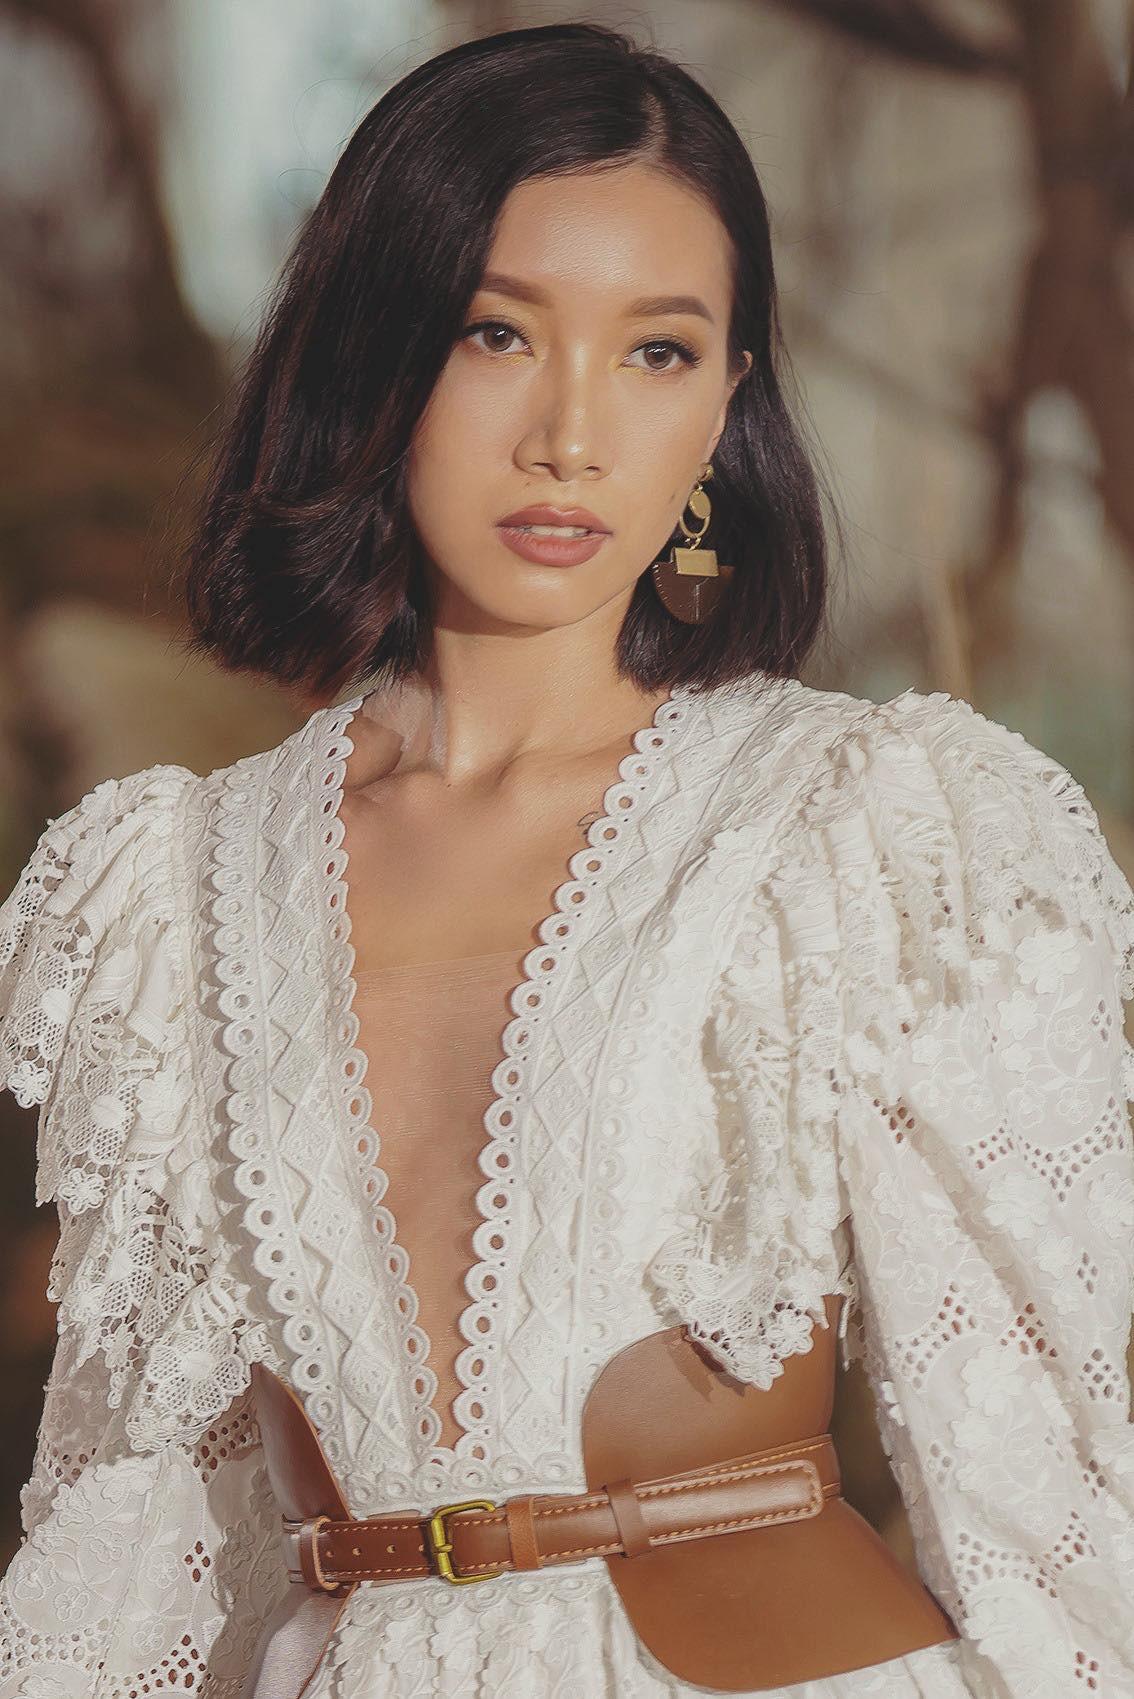 Thỏi son nào vừa công phá tại show thời trang của NTK Chung Thanh Phong? - Ảnh 2.